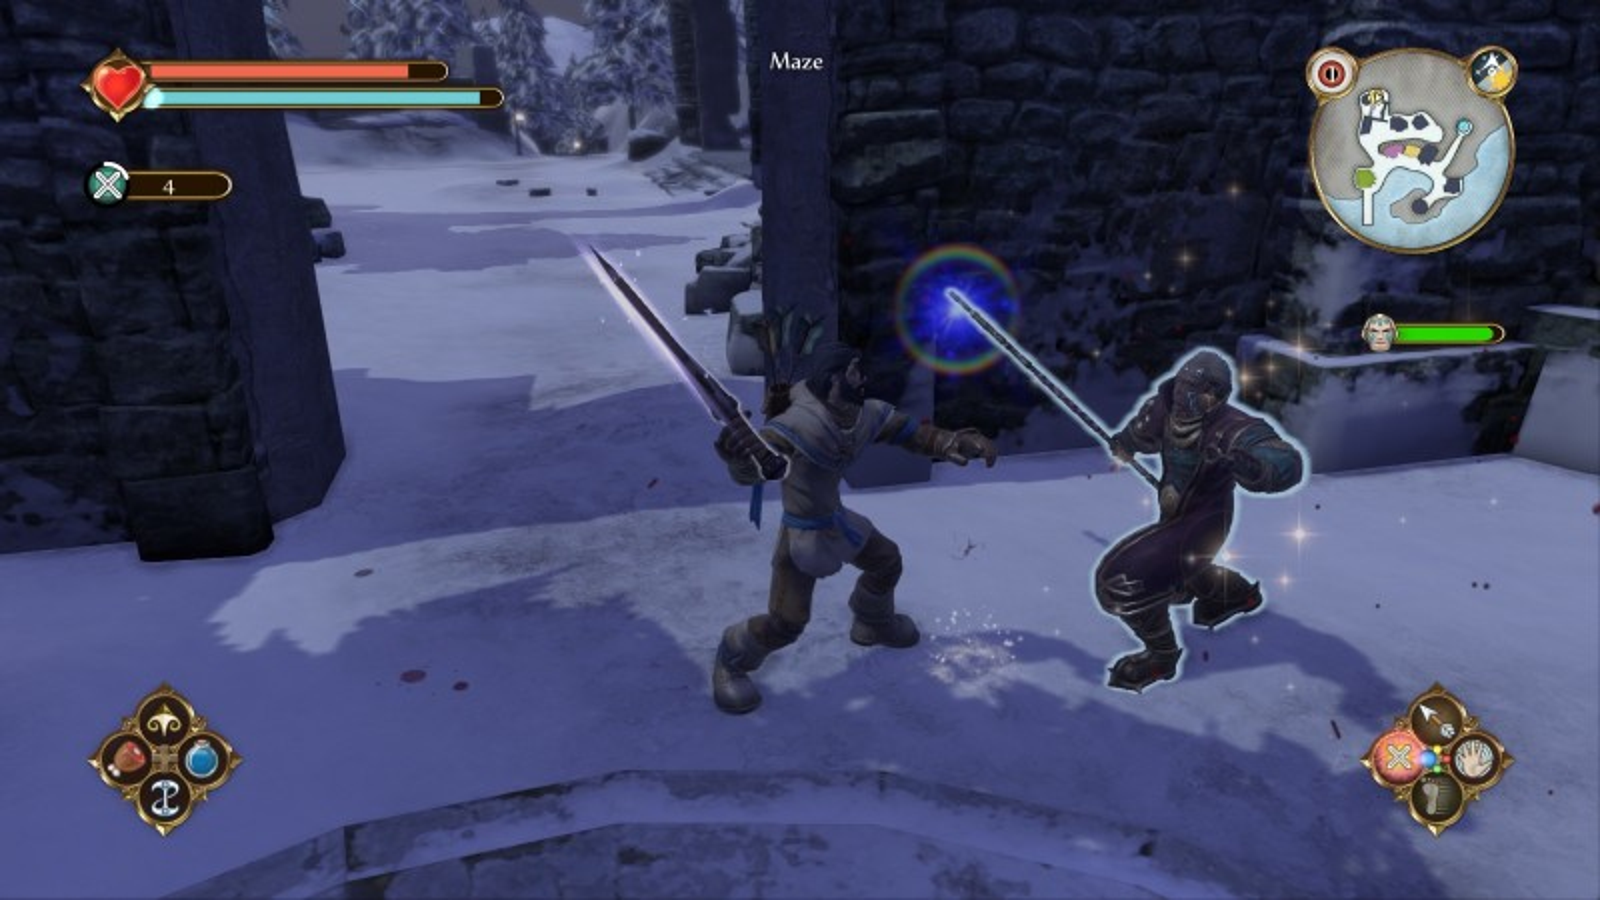 Hood and Maze do battle.